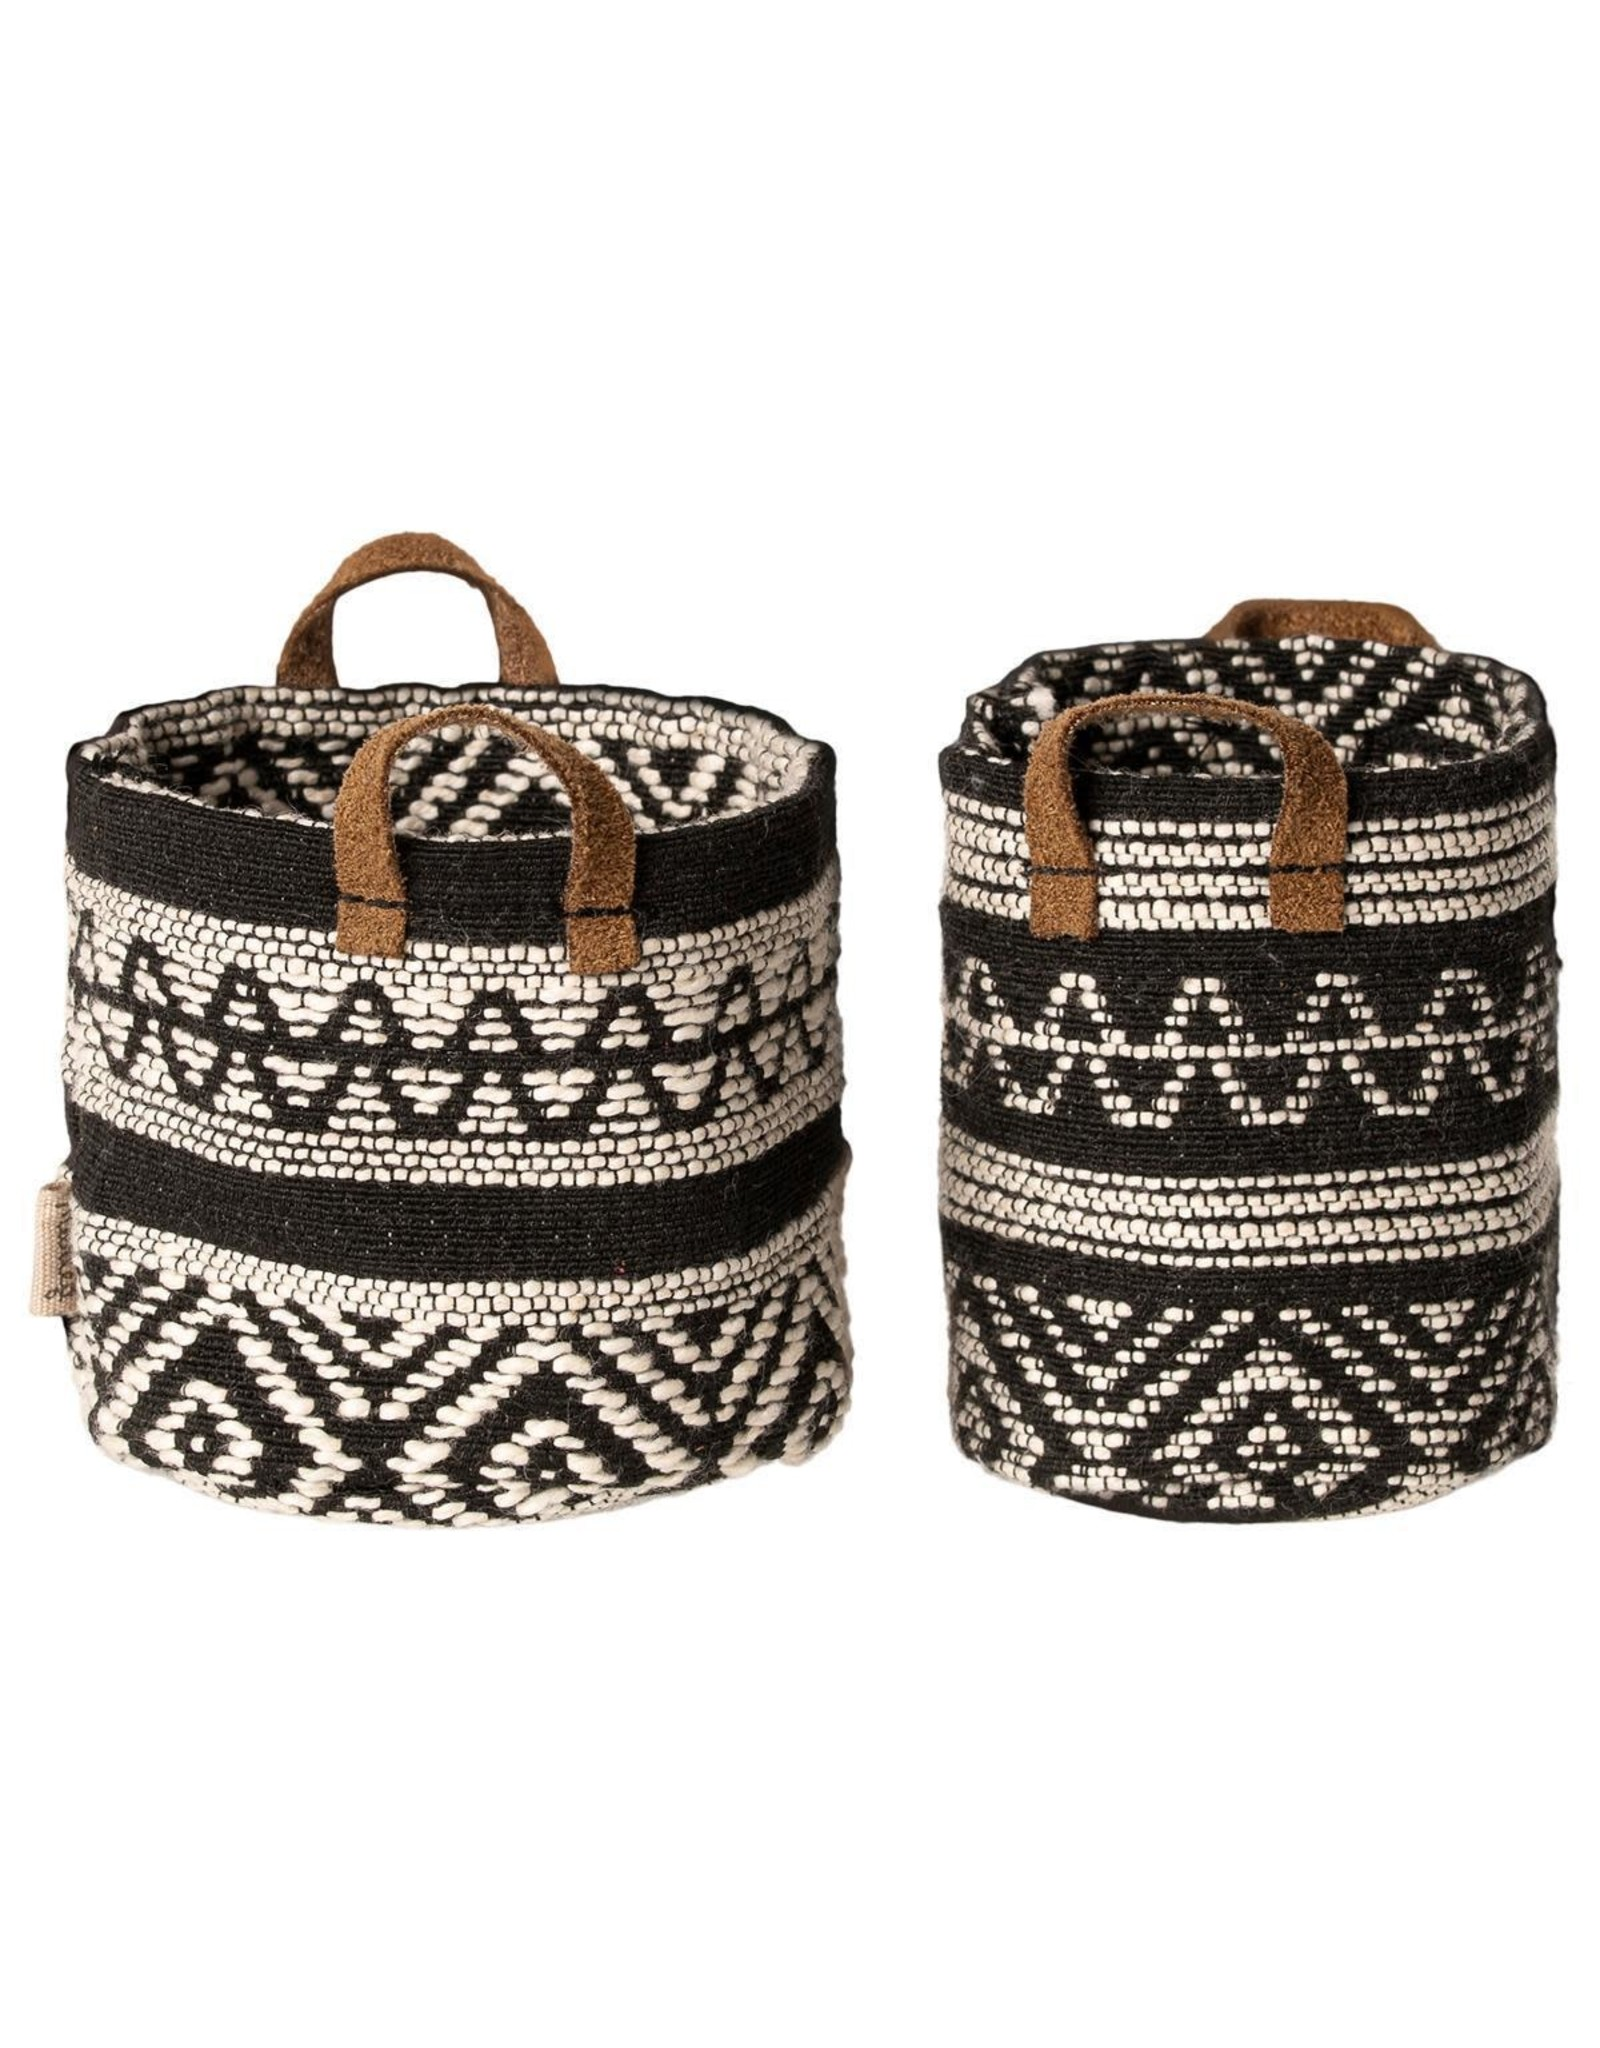 maileg Maileg Miniature Baskets, 2pcs